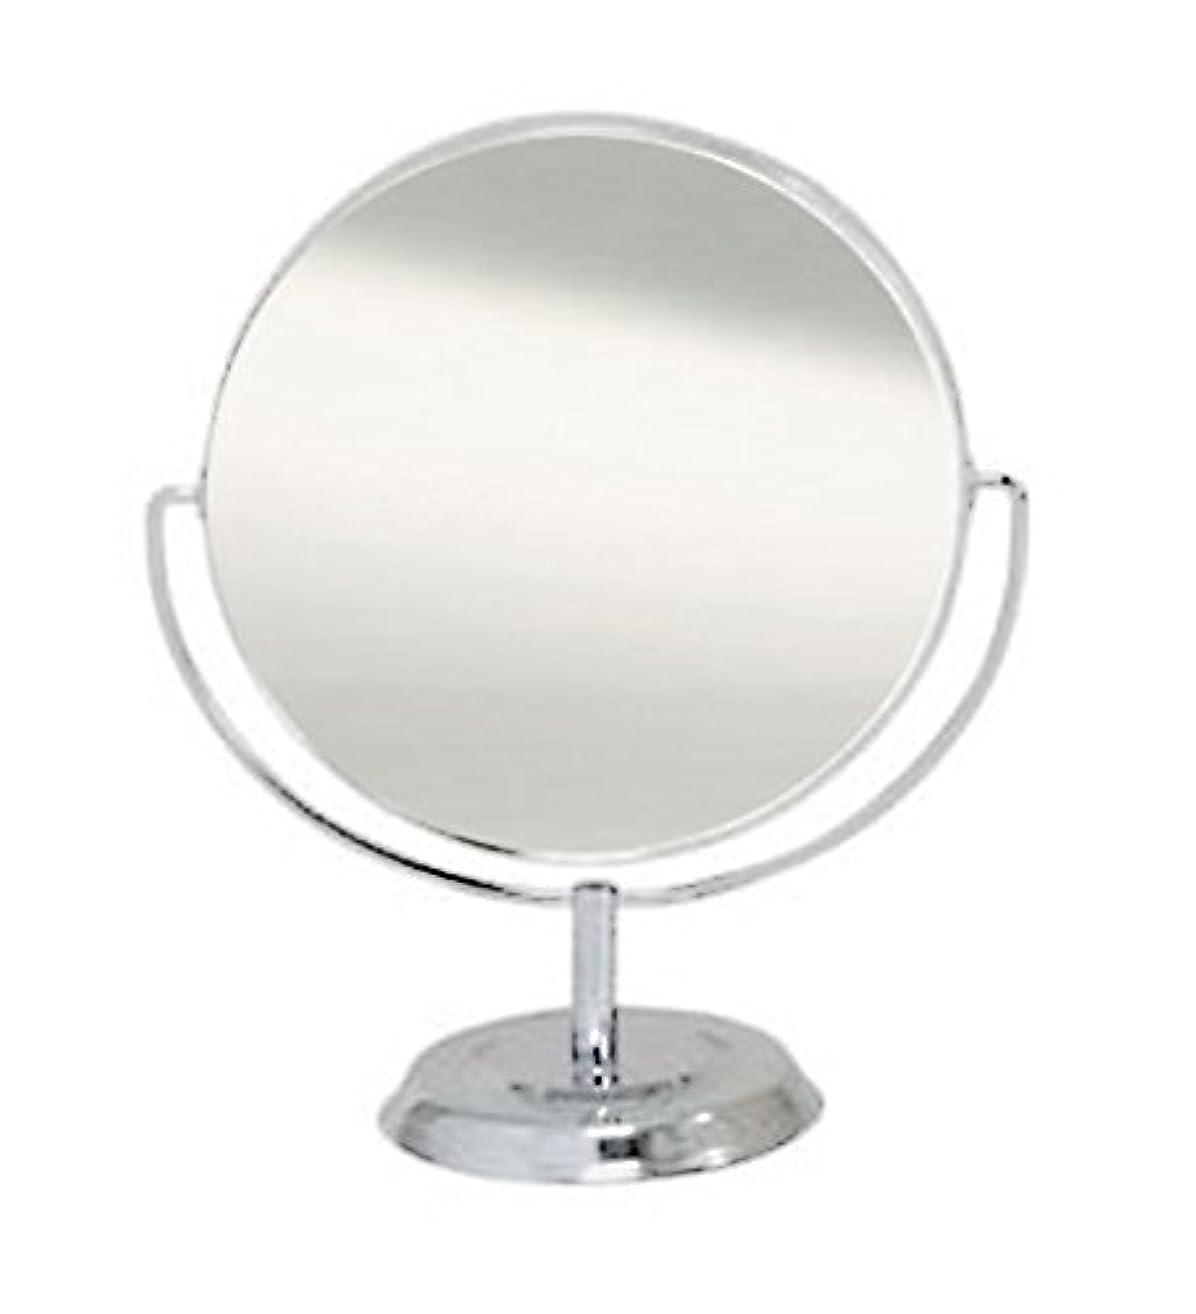 スペルオーバーフロー月面鏡 卓上ミラー 丸型 両面 拡大鏡約2倍付 No.5860 シルバー